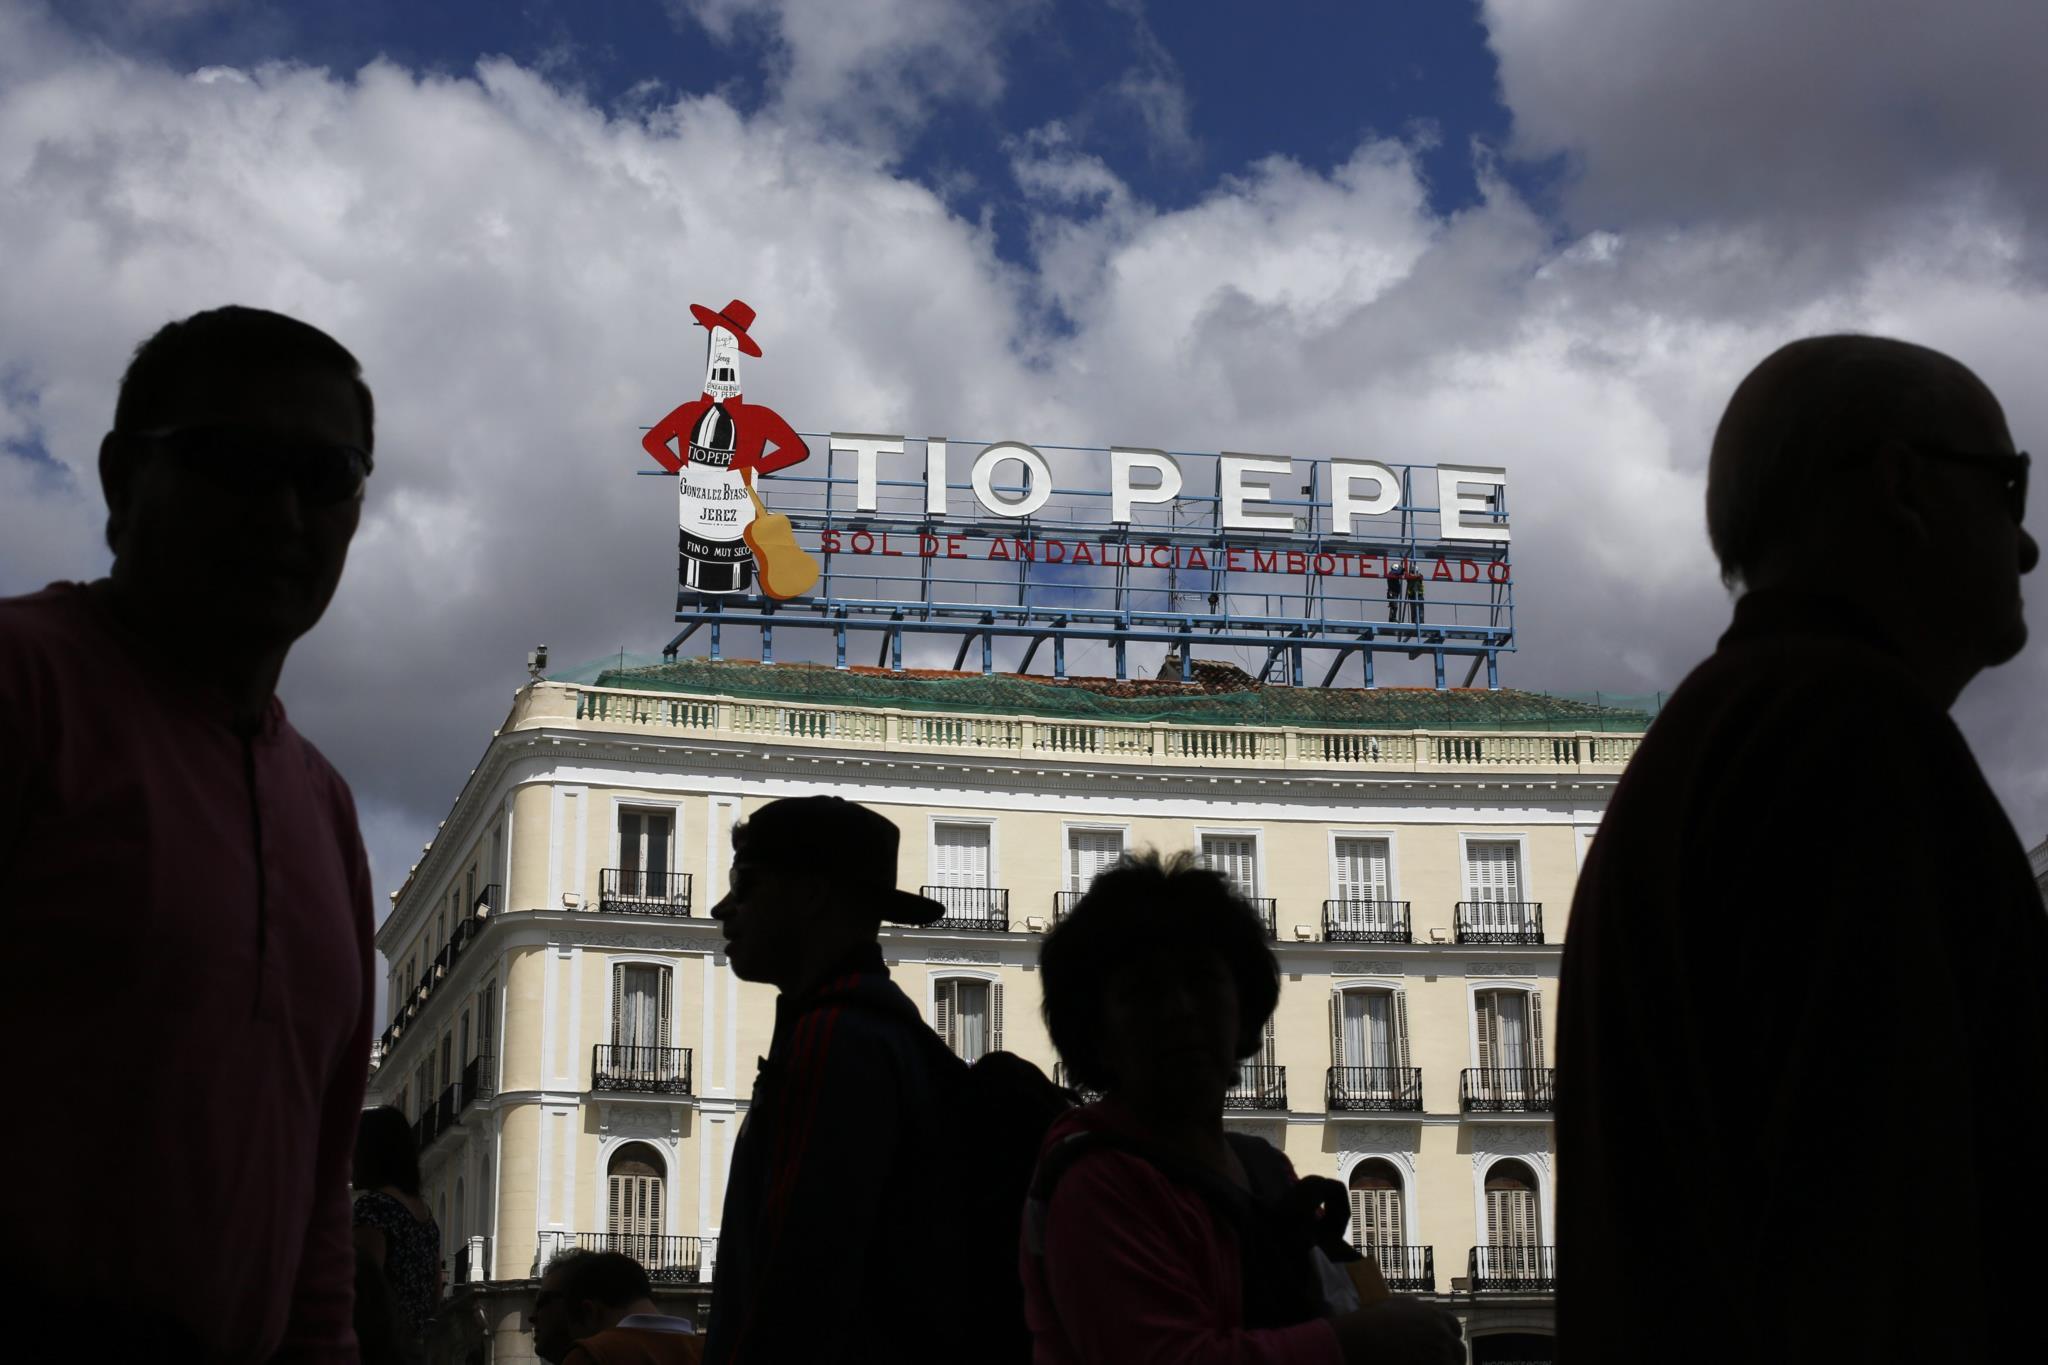 O Tio Pepe desta Primavera, em rama ou sem rama, é o vinho fino para esta Primavera